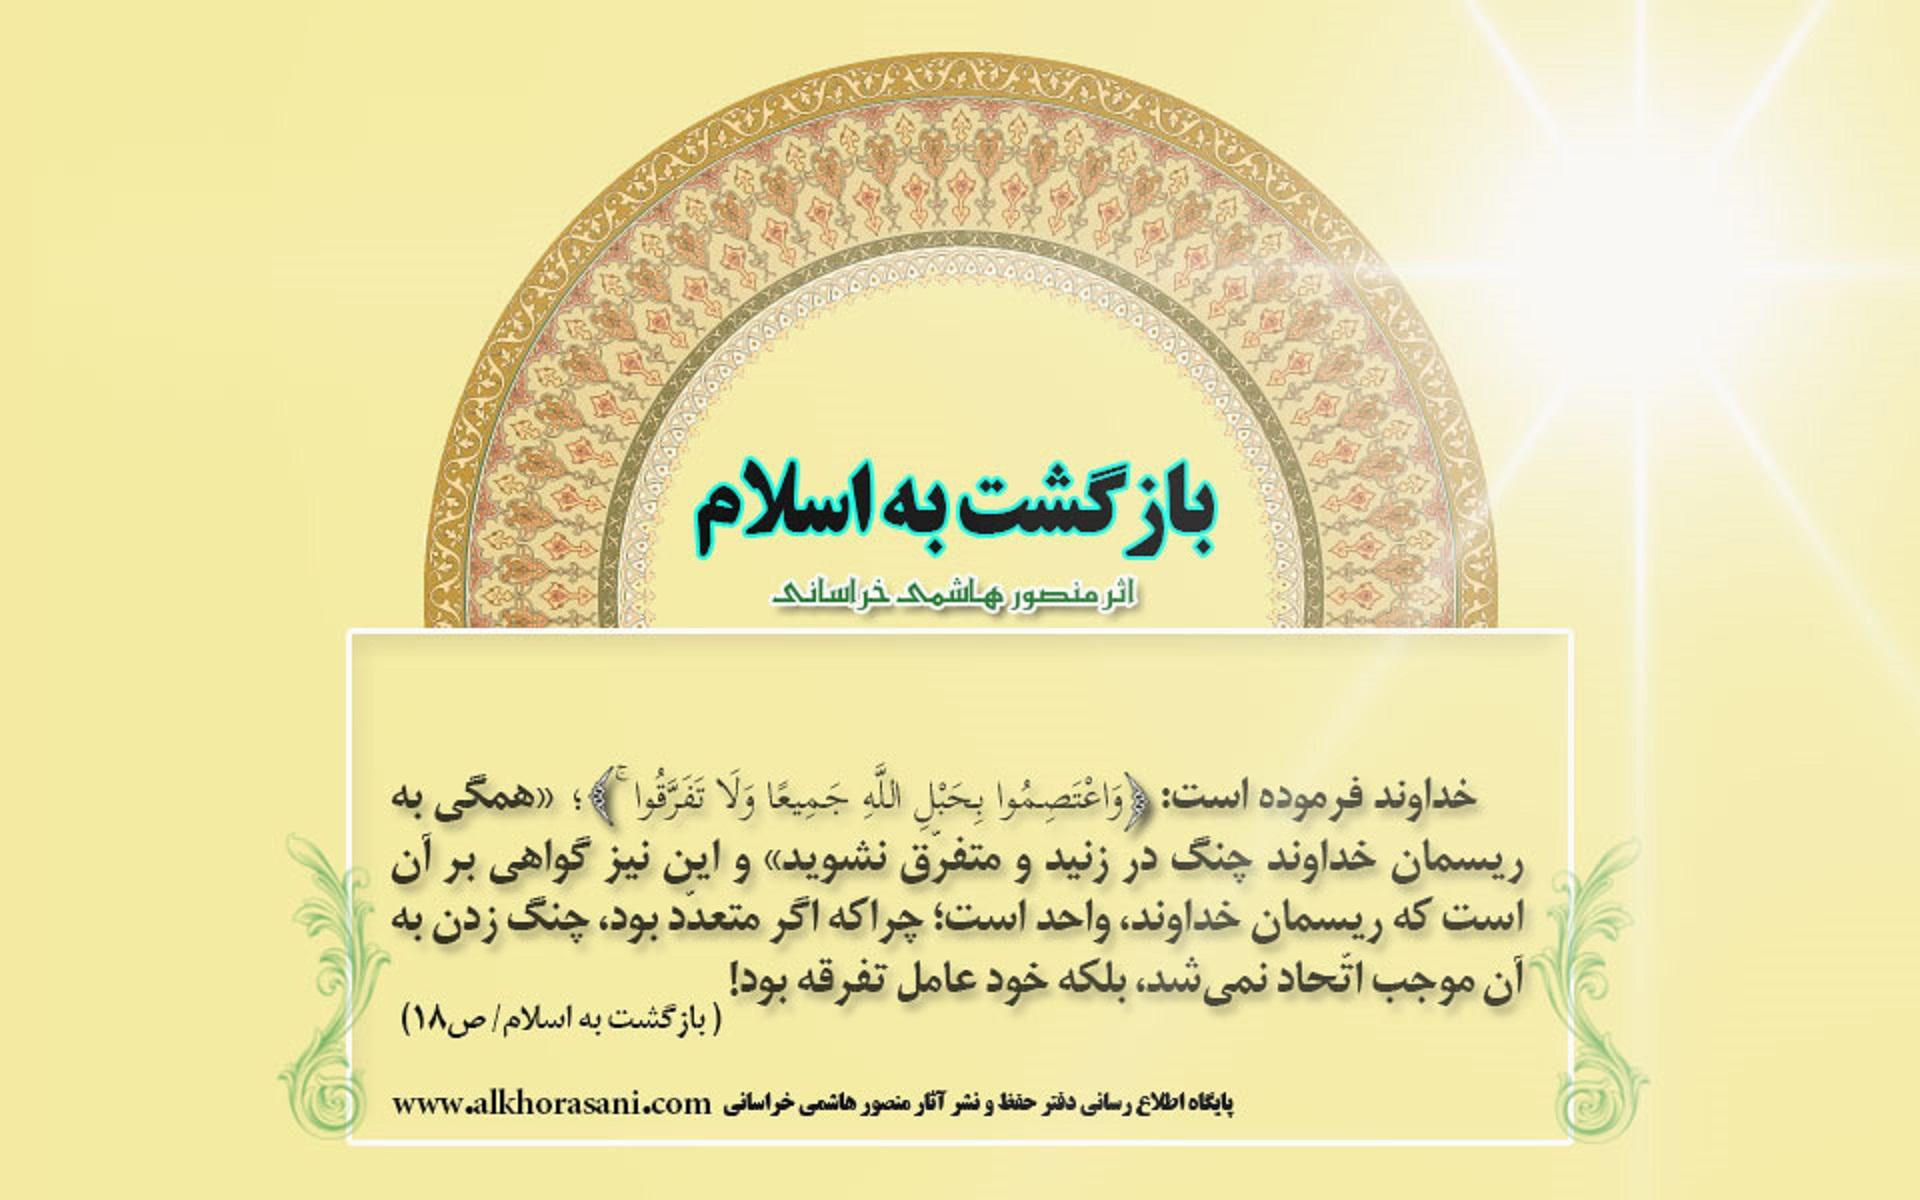 واعتصموا بحبل الله جمیعا - بازگشت به اسلام